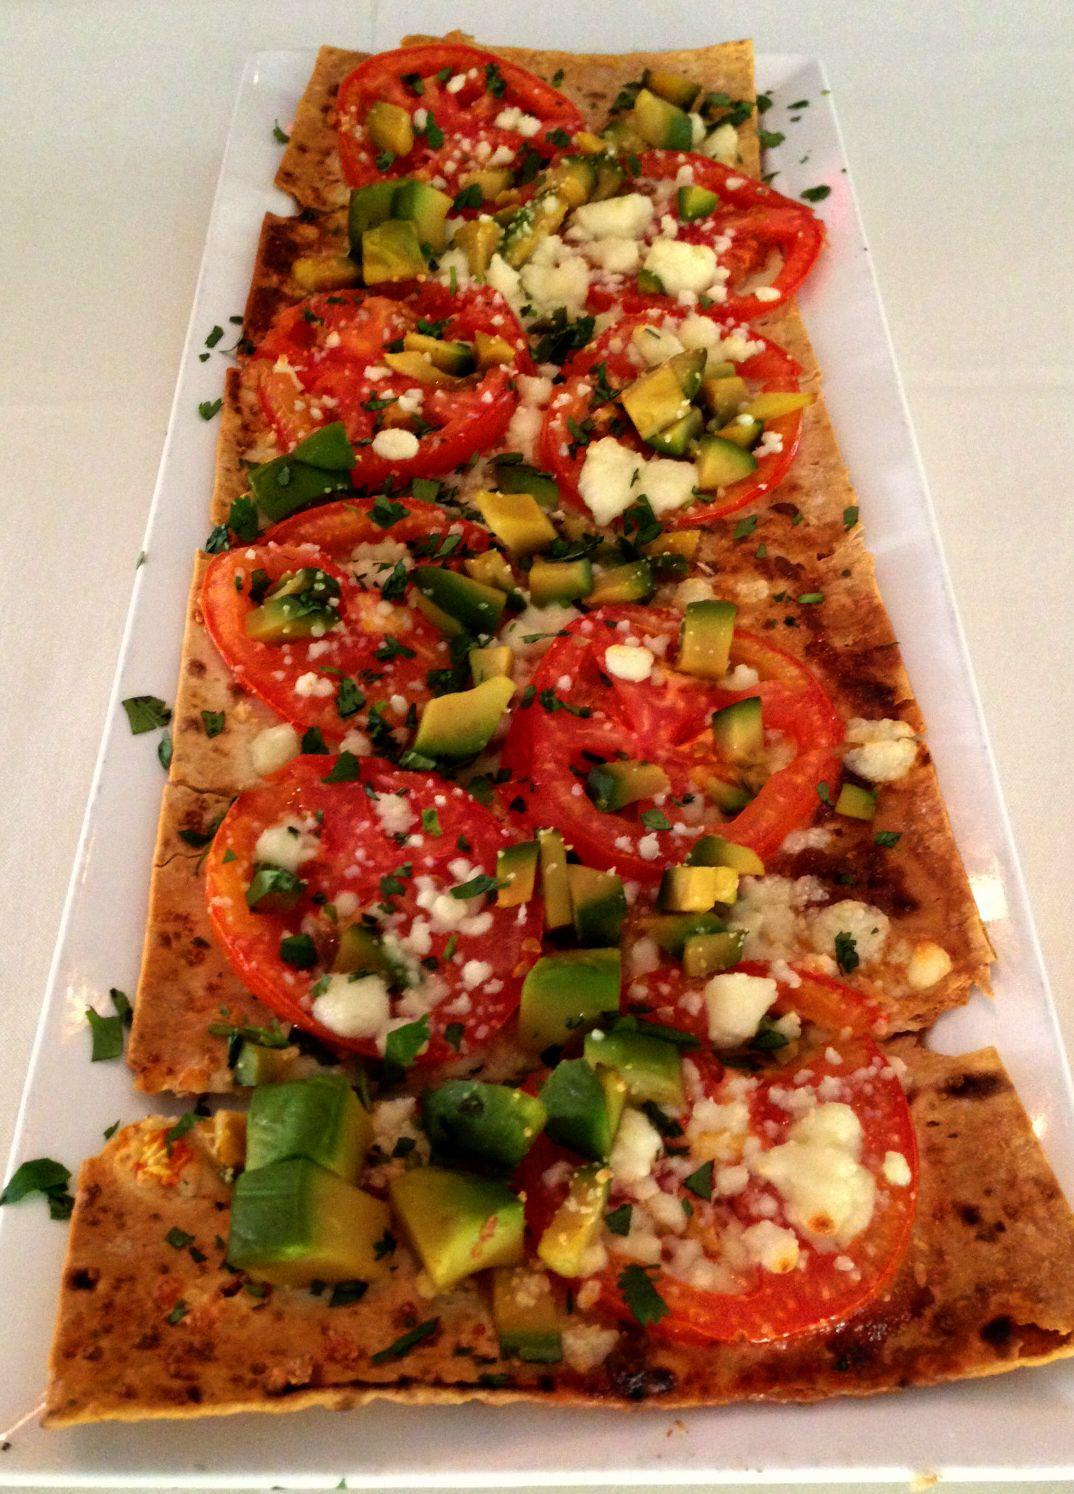 Flatbread Pizza - Tomato, avocado, queso fresco, fresh cilantro and garlic oil